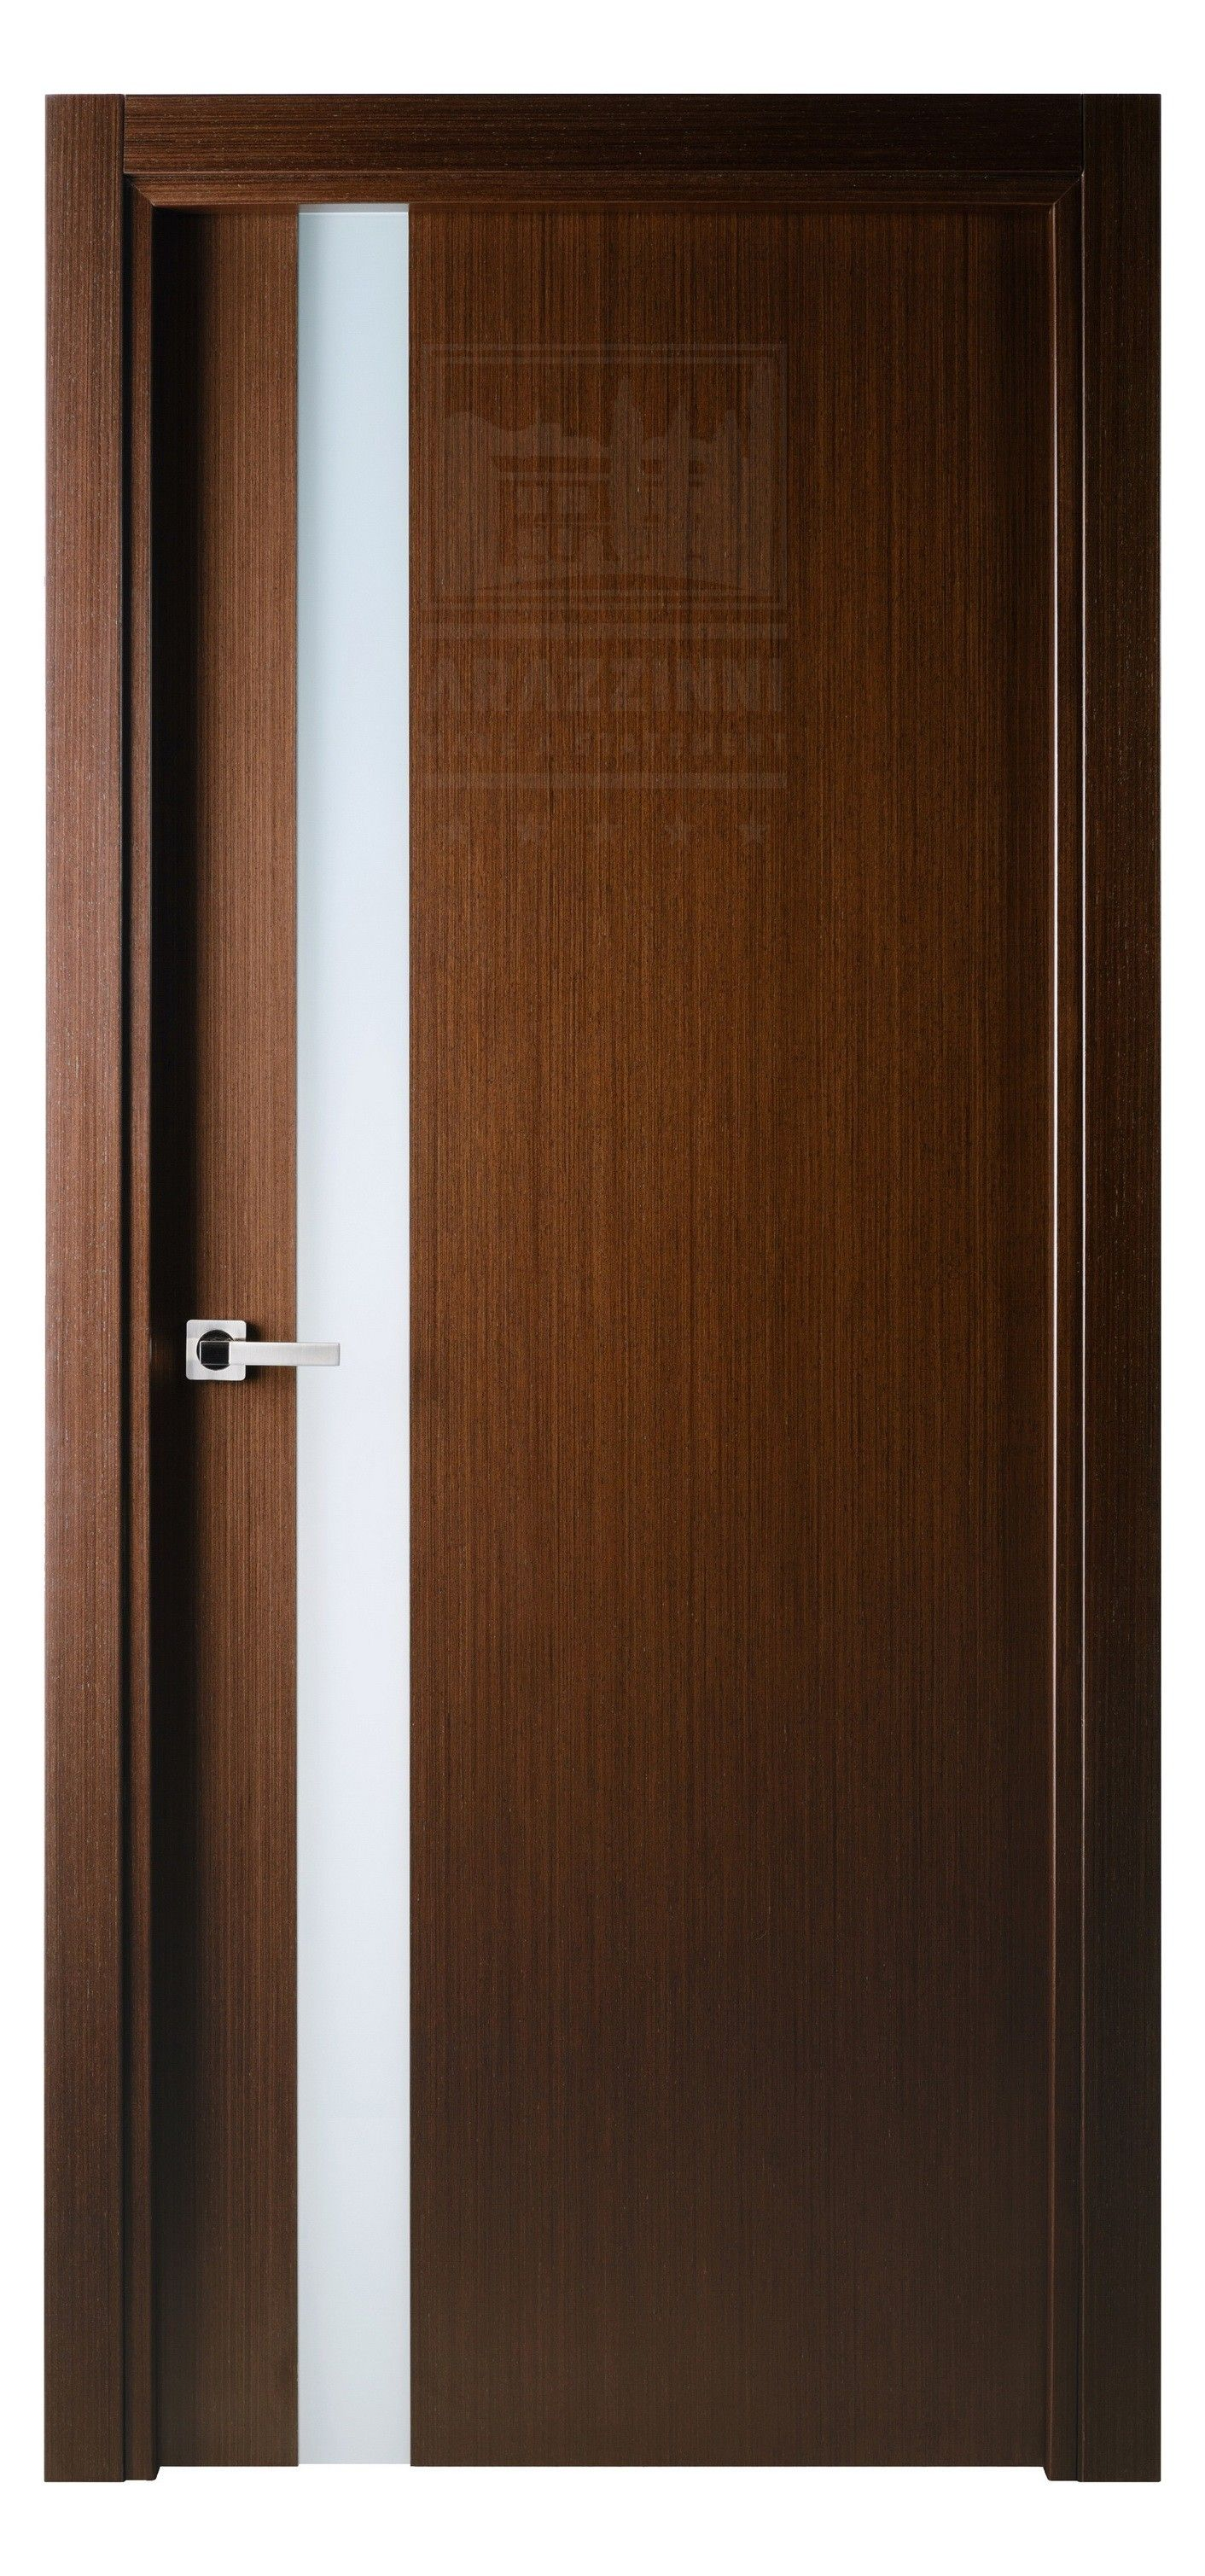 Versai Interior Door in Italian Wenge Finish | Exotic Wood Veneer ...